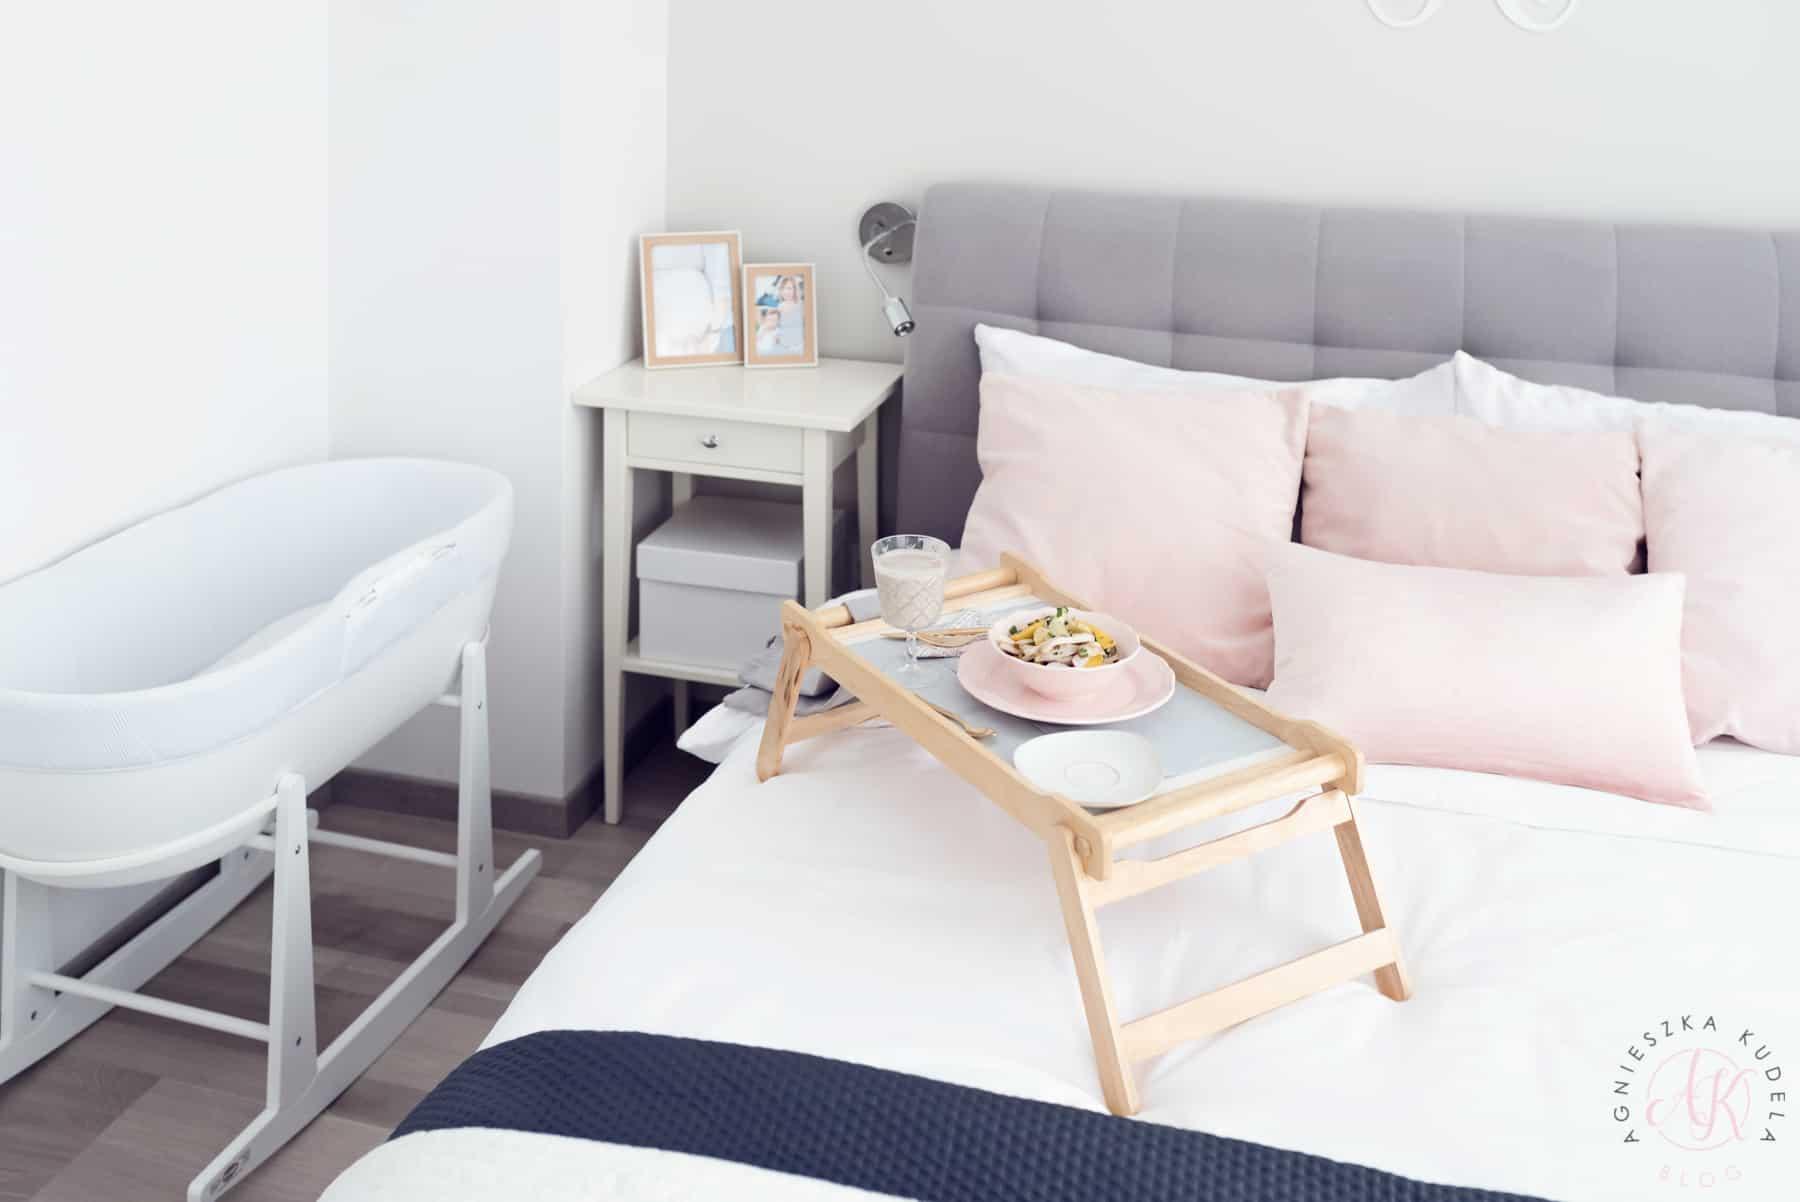 Łóżko sypialniane, stolik nocny, różowe poduszki